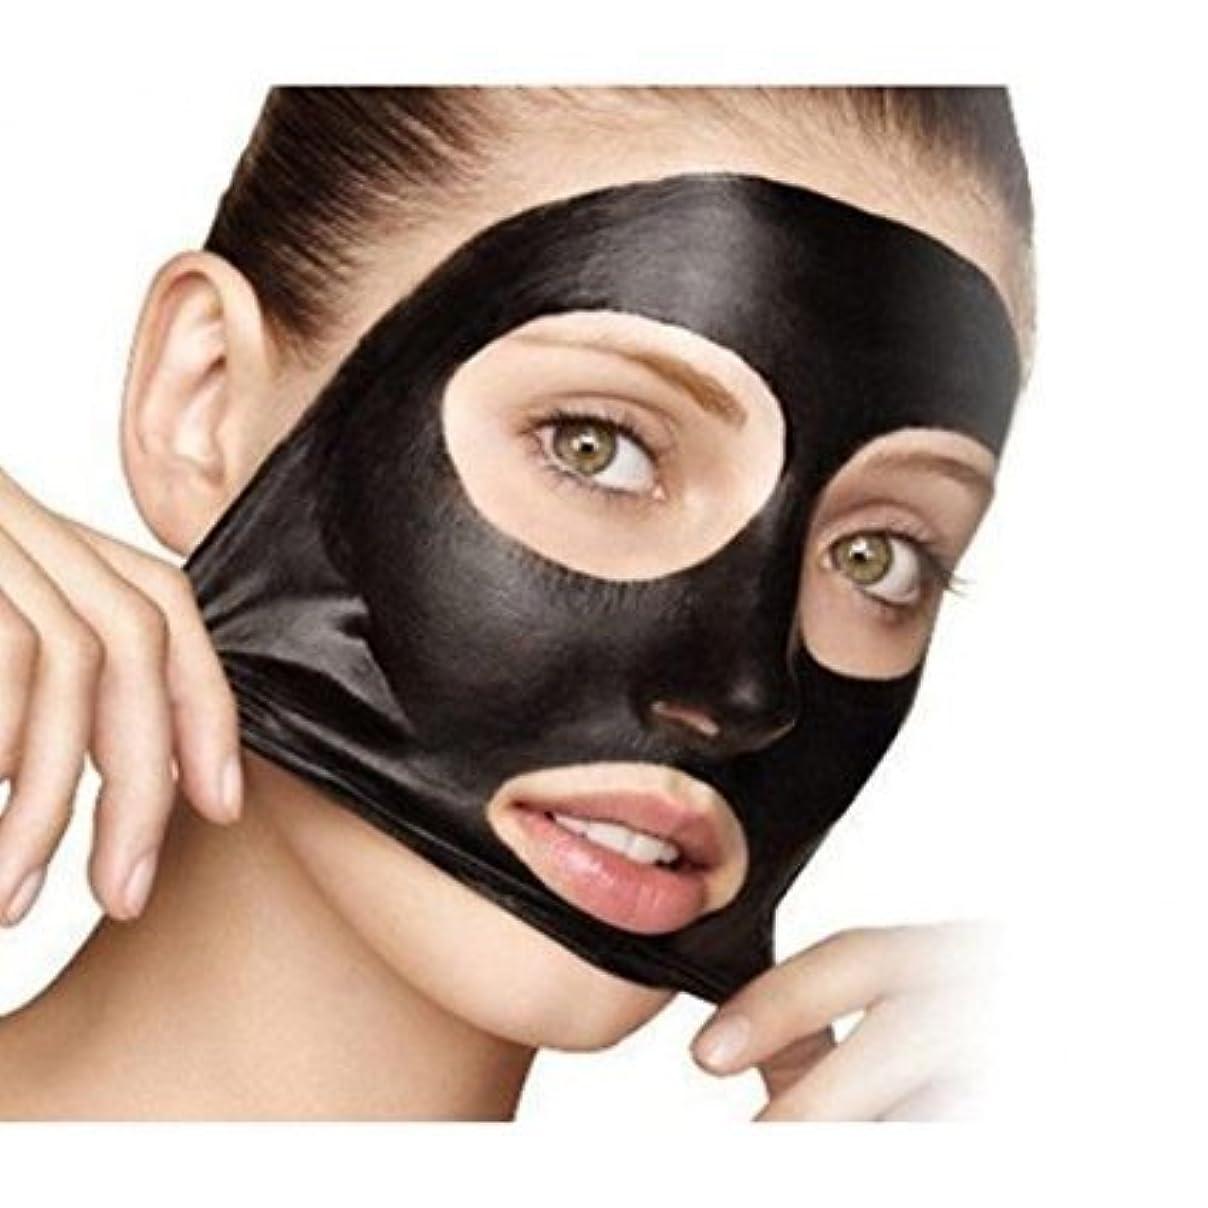 アシスタント拡張ピクニック5 x Mineral Mud Nose Pore Cleansing Blackhead Removal Cleaner Membranes Mask by Boolavard® TM